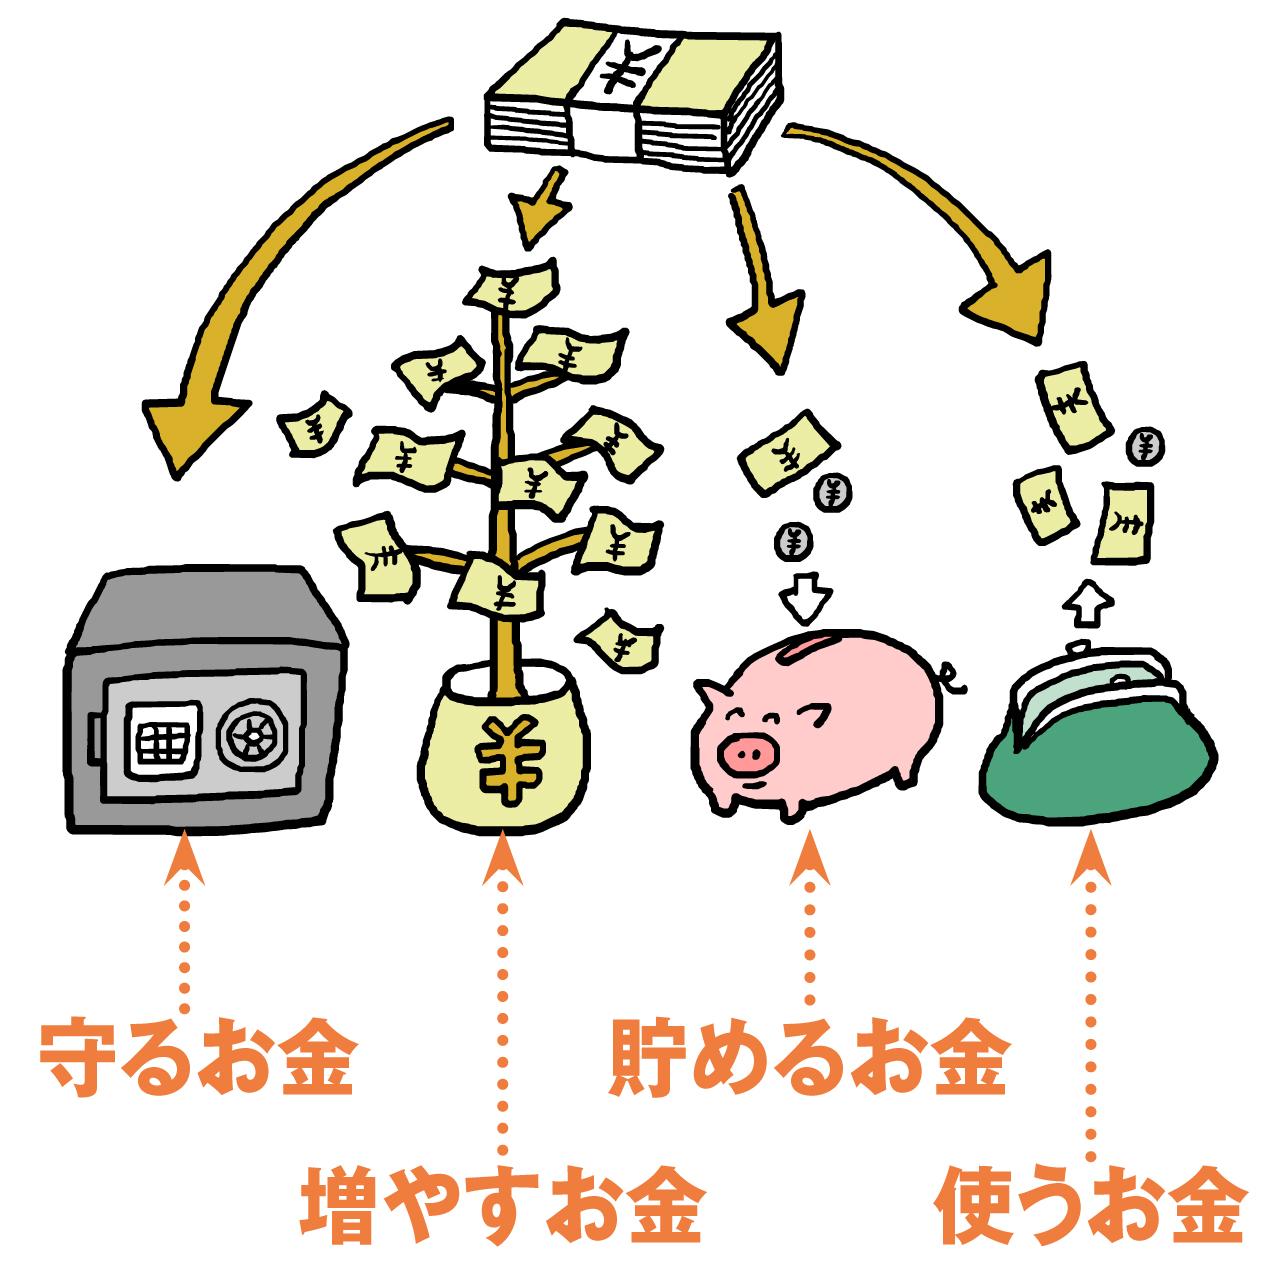 今あるお金を目的や使う時期に応じて4つに分ける考え方のイラスト